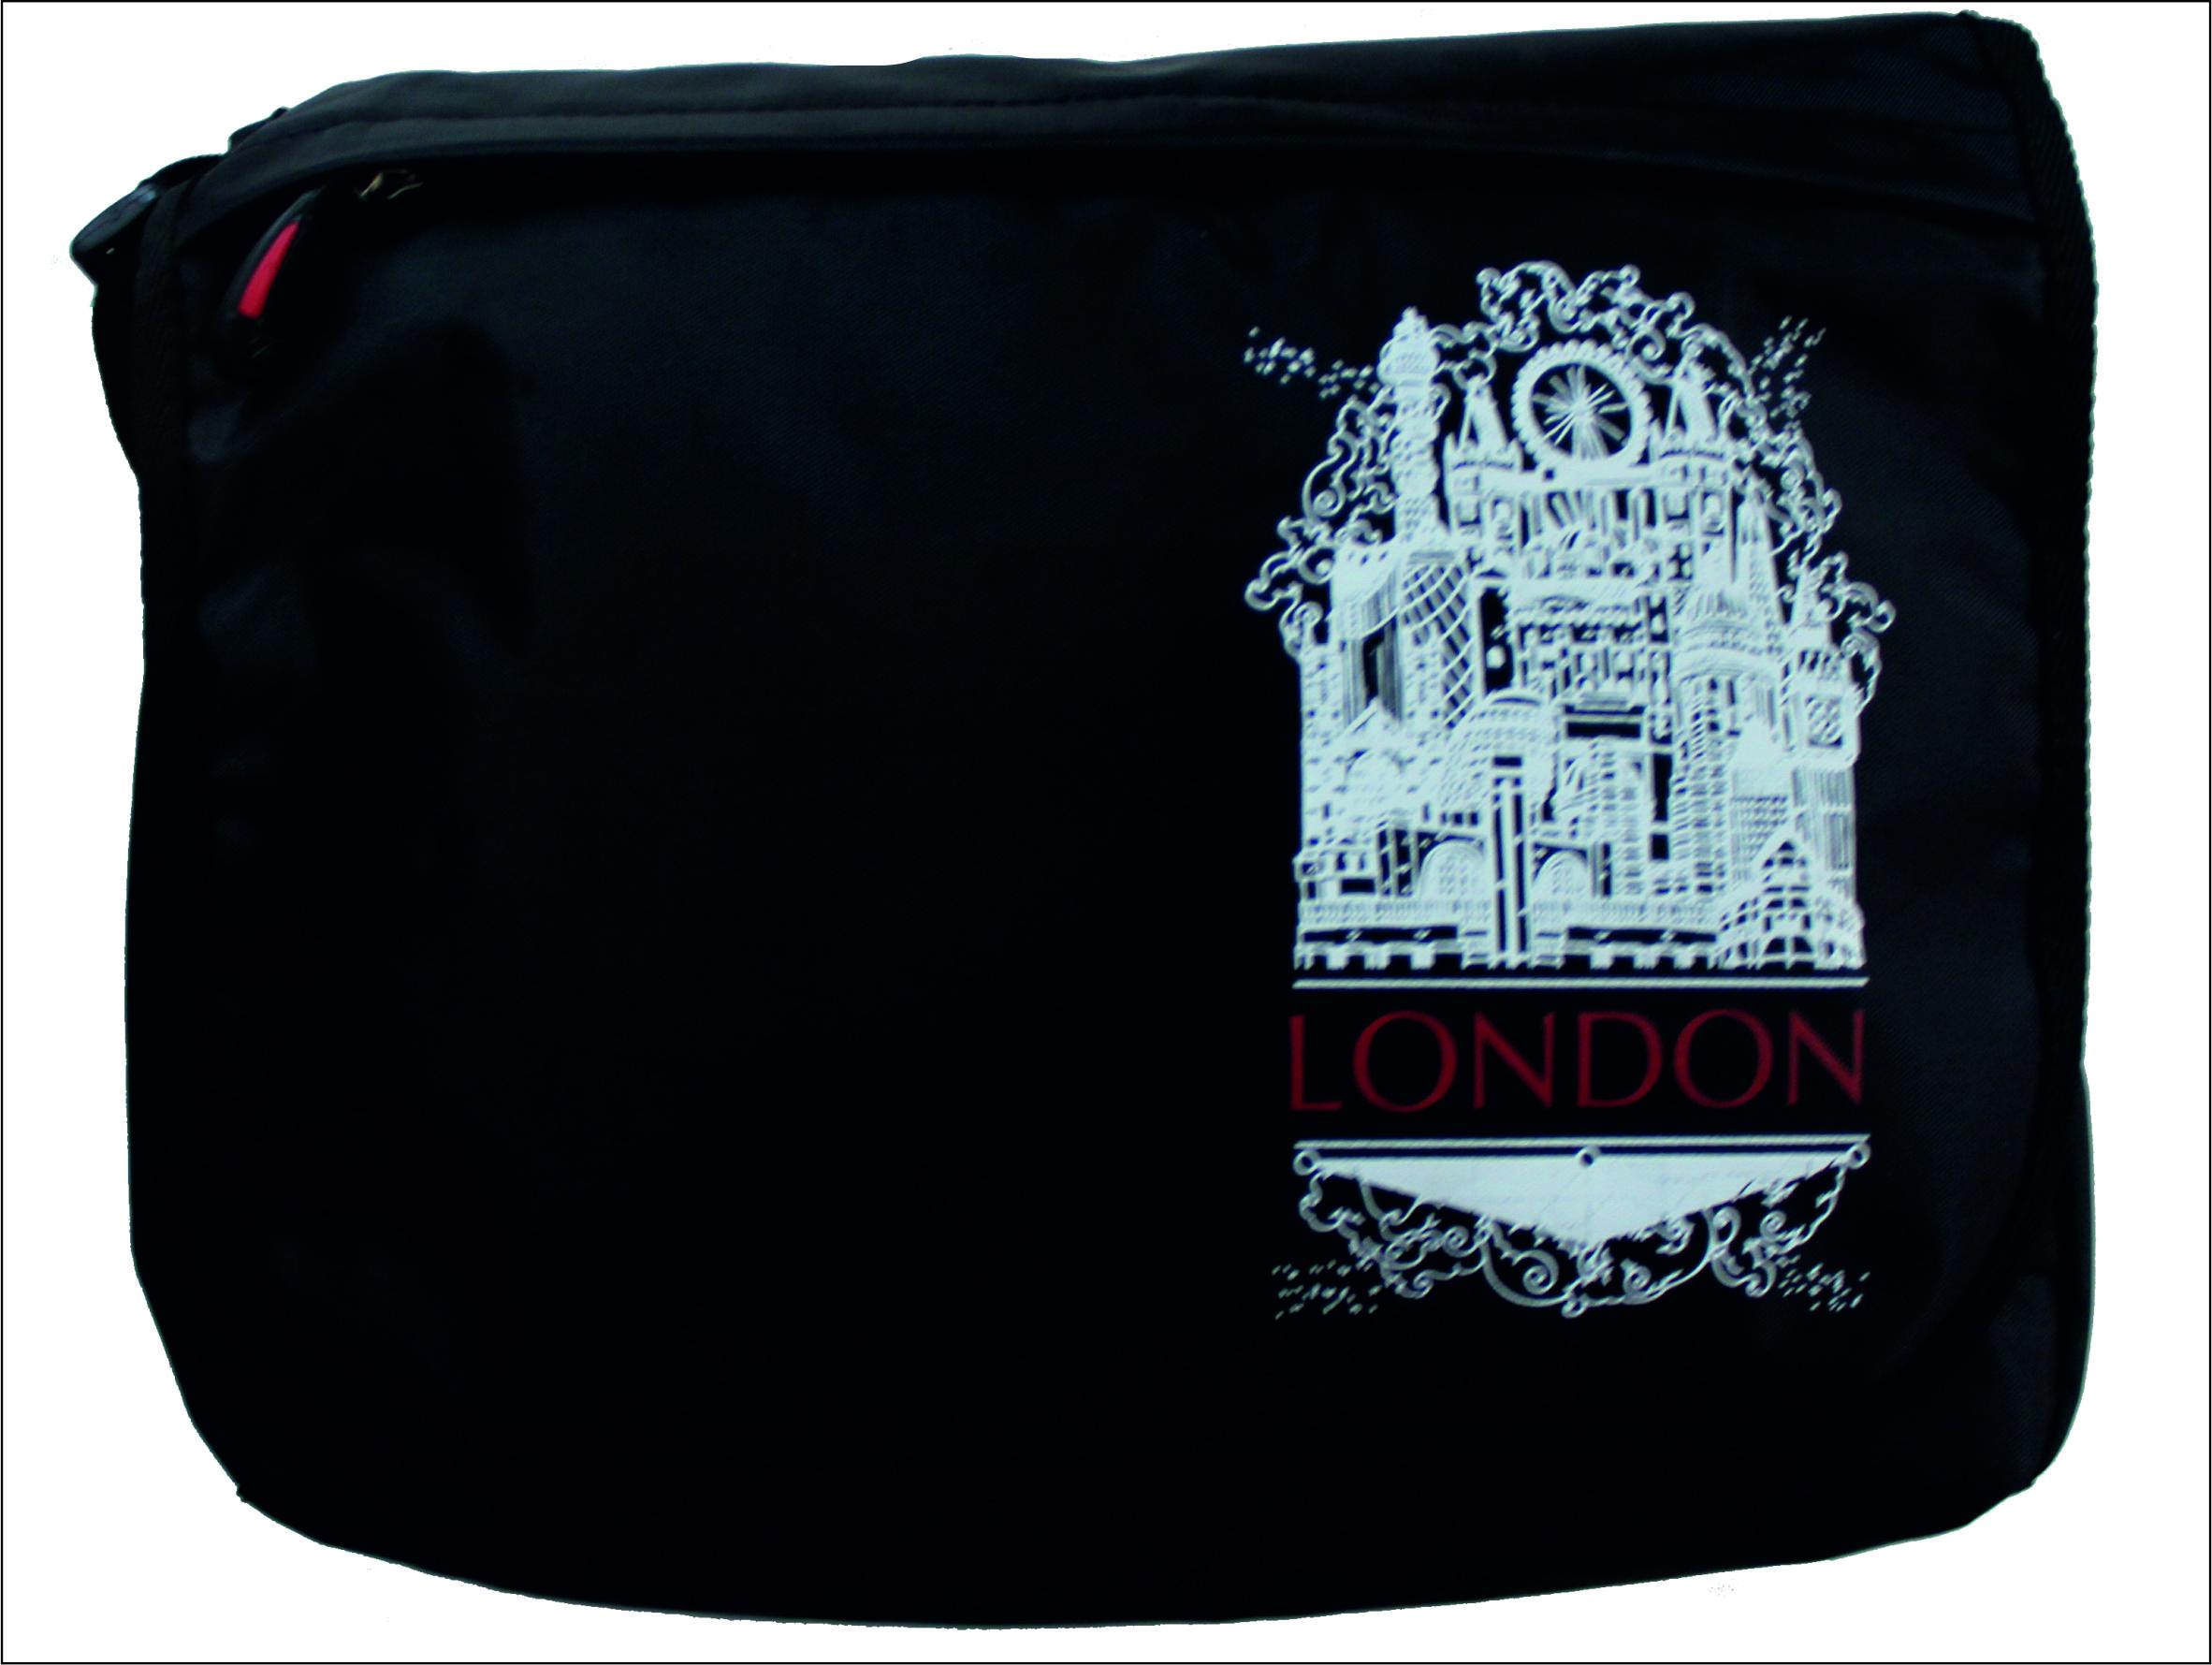 Молодёжная сумка на плечо ― Производственная компания СттНск, тапочки,  сланцы, сумки, рюкзаки, обложки для документов оптом в Новосибирске 890e4dbdd8b